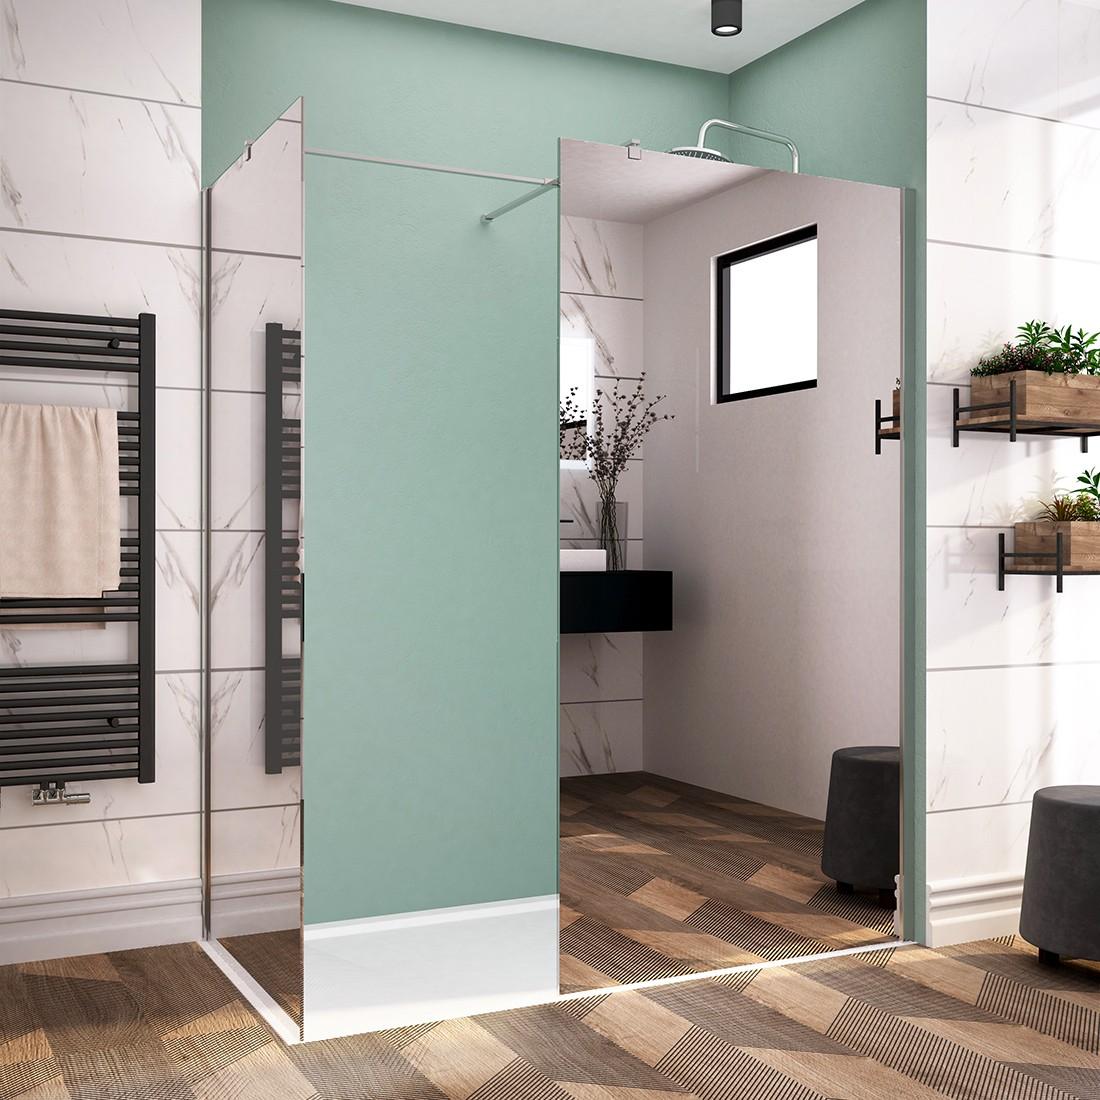 Full Size of Walk In Duschwand Duschtrennwand 8mm Nano Glas Duschkabine Dusche Wand Behindertengerechte Pendeltür Duschen Kaufen Begehbare Fliesen Bodengleiche Dusche Glaswand Dusche